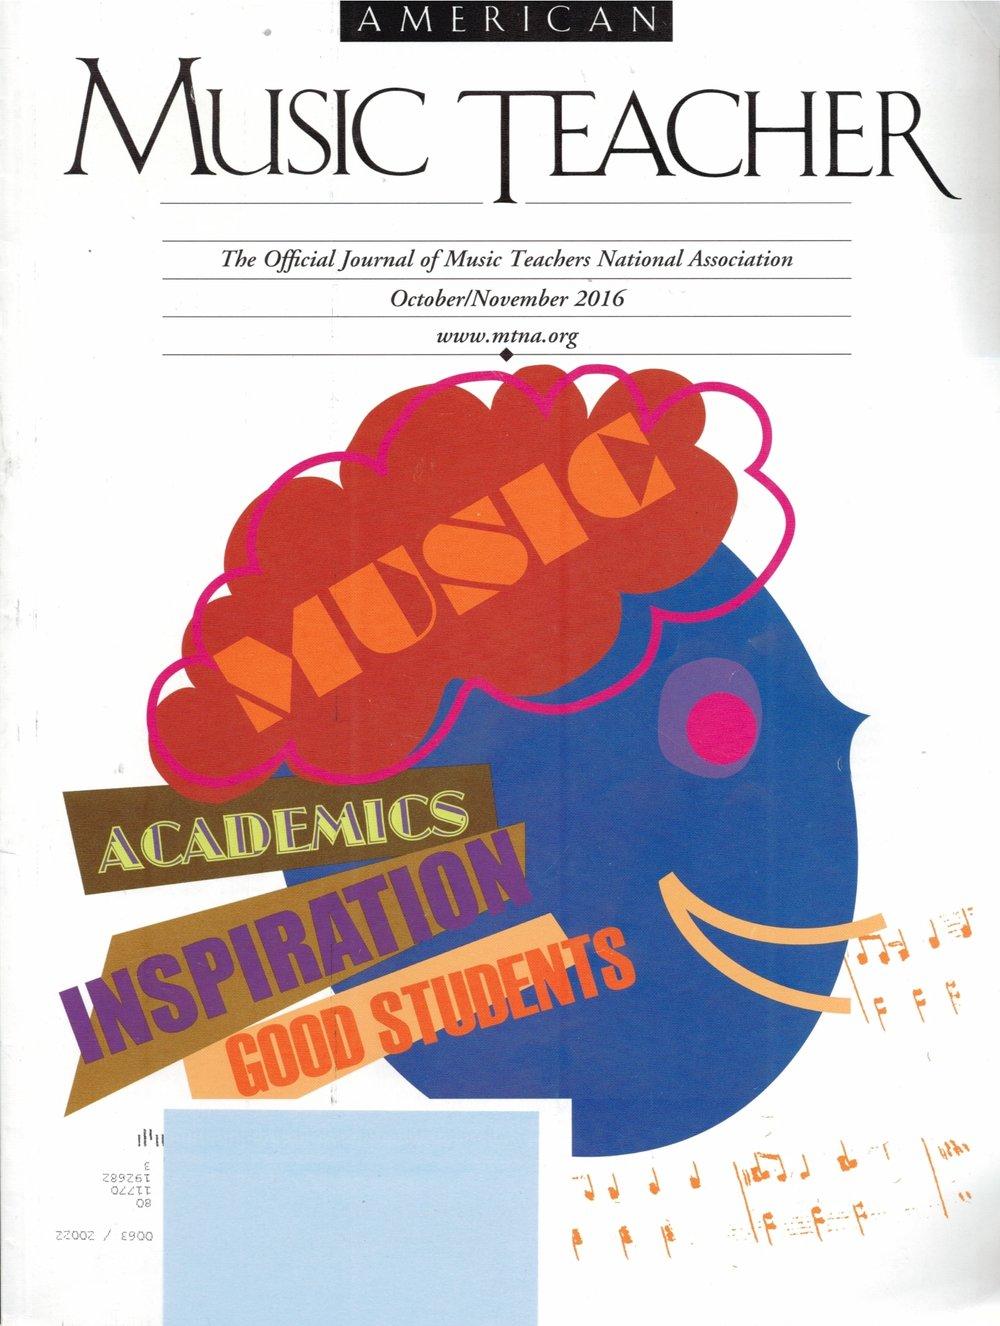 Bela Bartok: 10 Easy Piano Pieces - American Music Teacher magazine (October/November 2016, pp. 51-52)